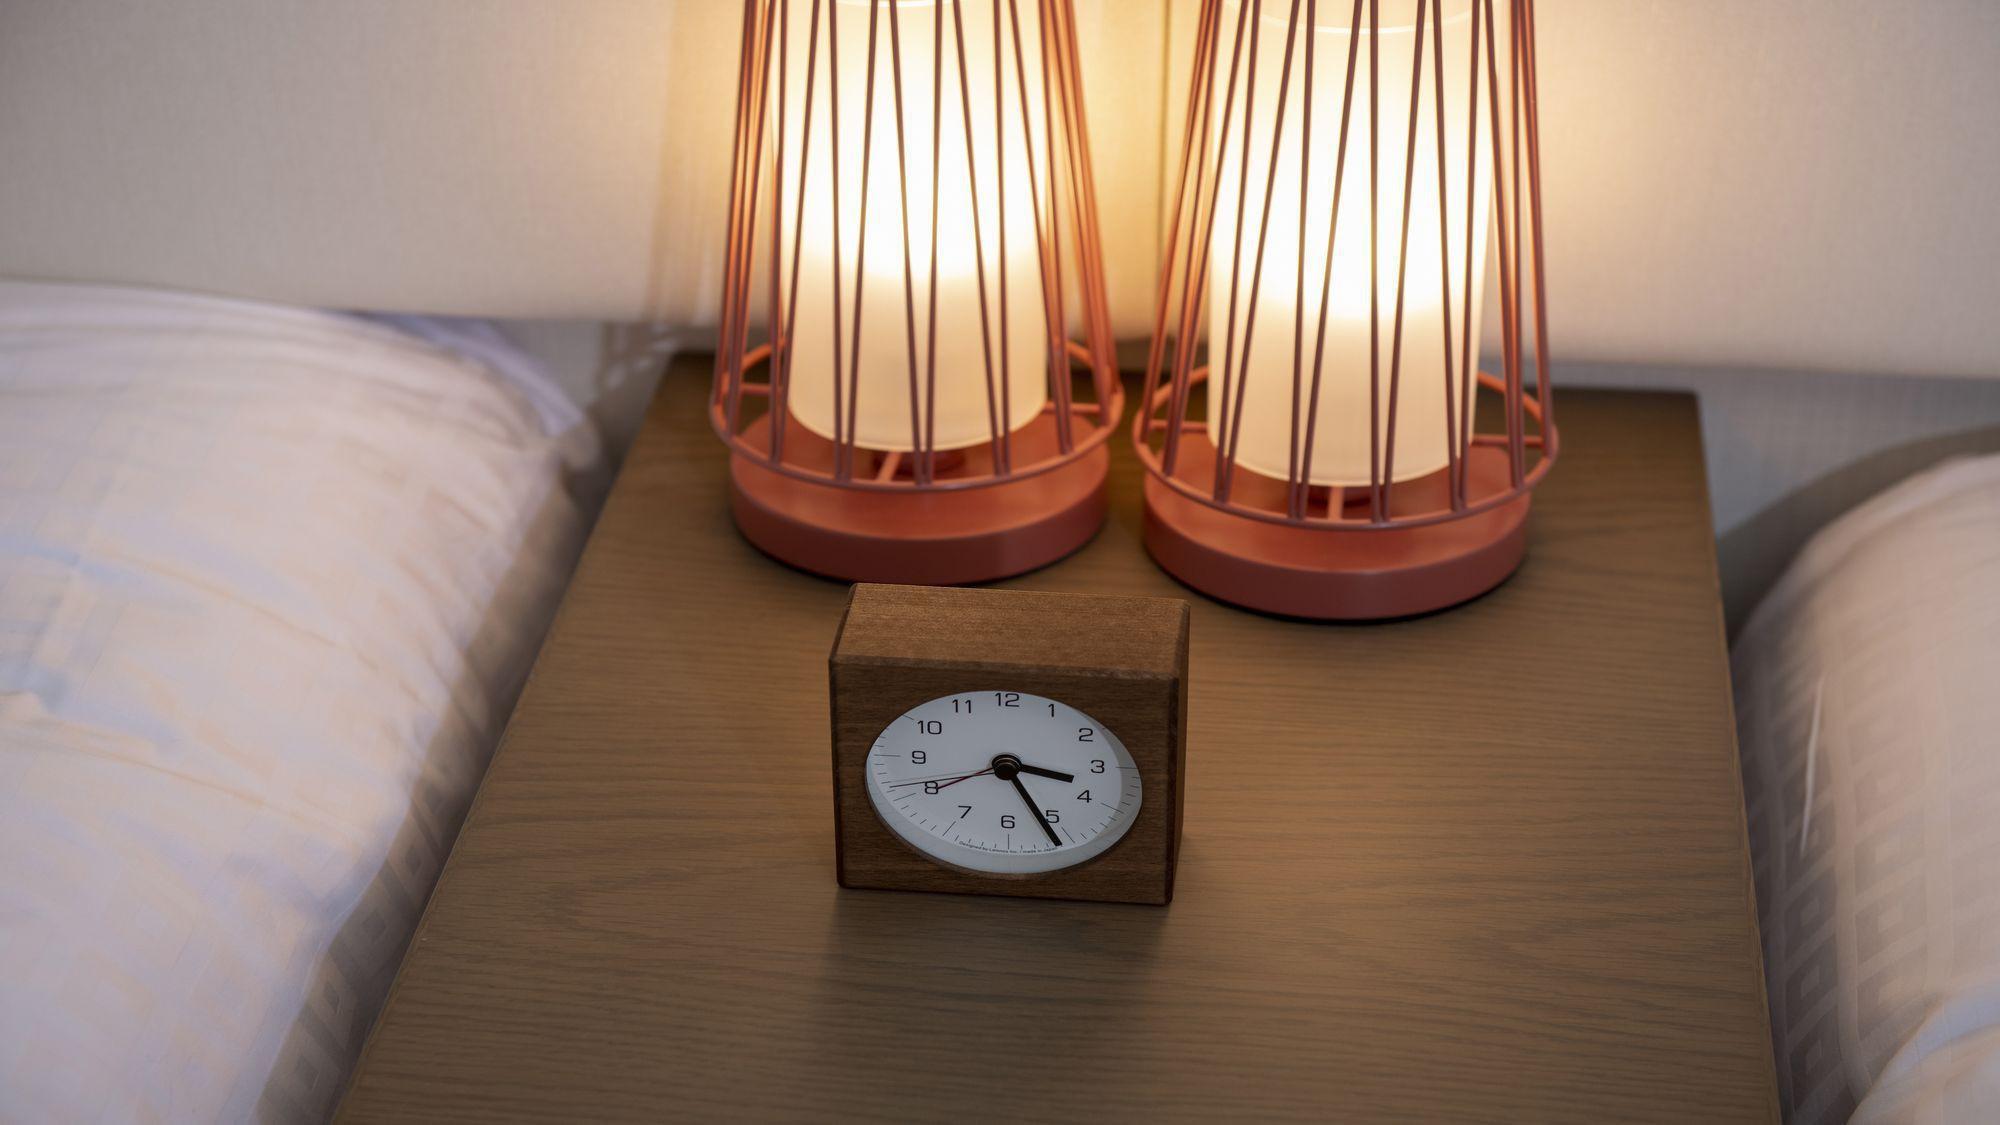 【客室設備】ほのかに灯るベッドライト